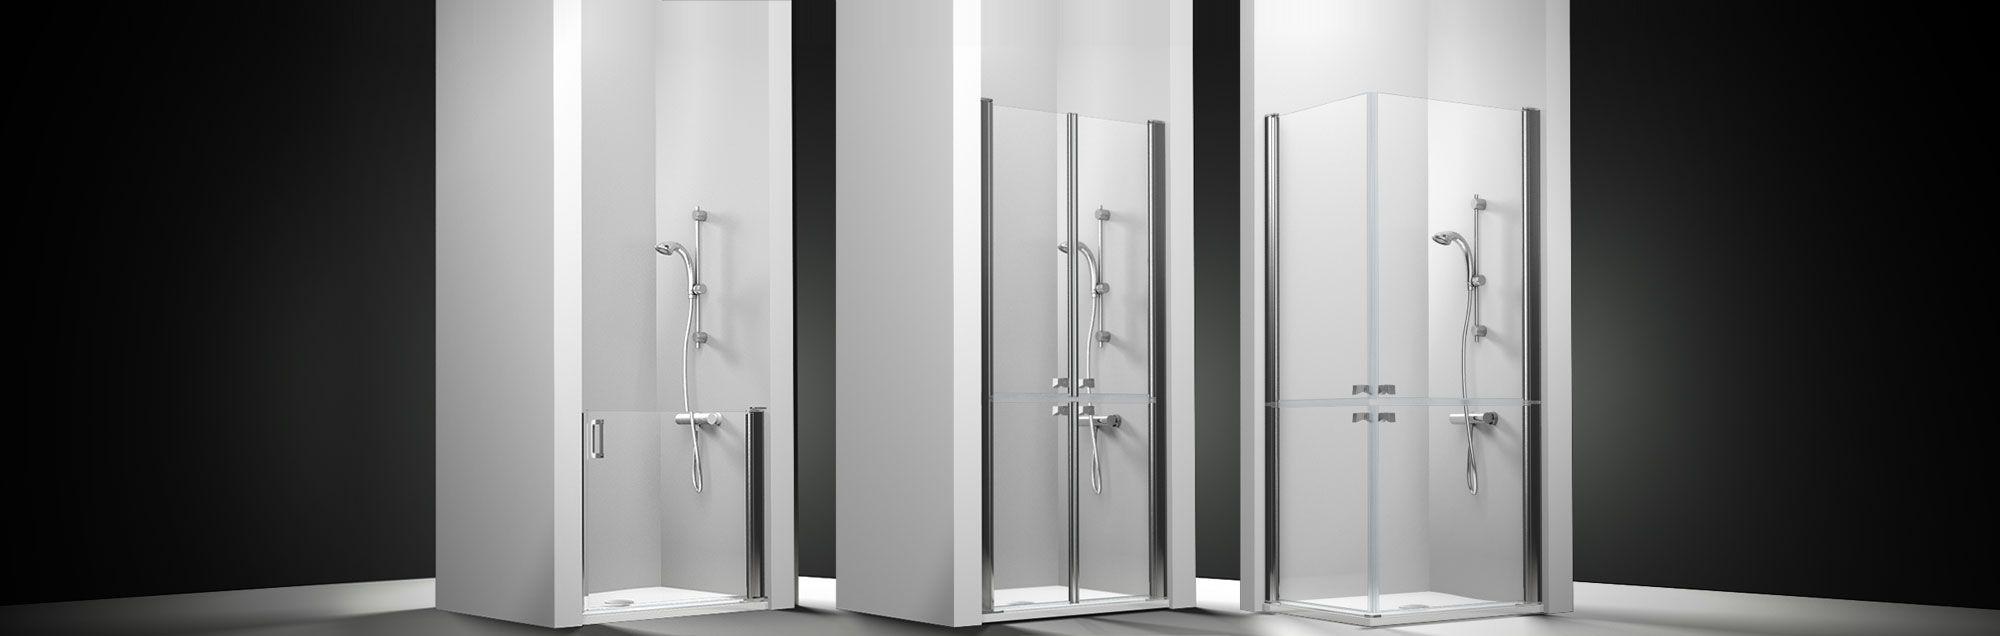 Parois de bain PMR Assistance PROFILTEK sur mesure